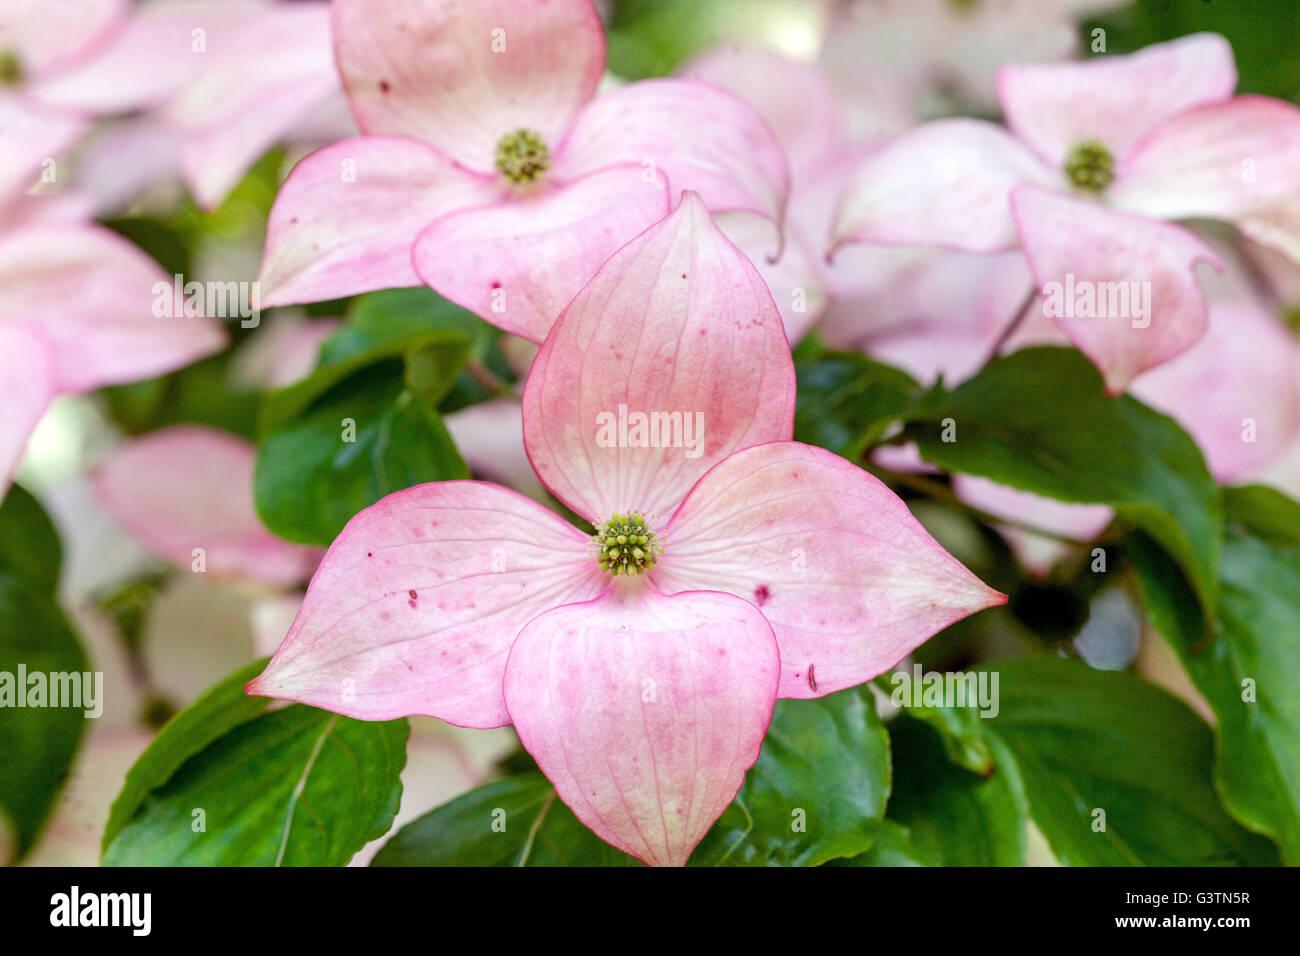 Dogwood, Cornus Kousa 'Satomi', pink petals - Stock Image